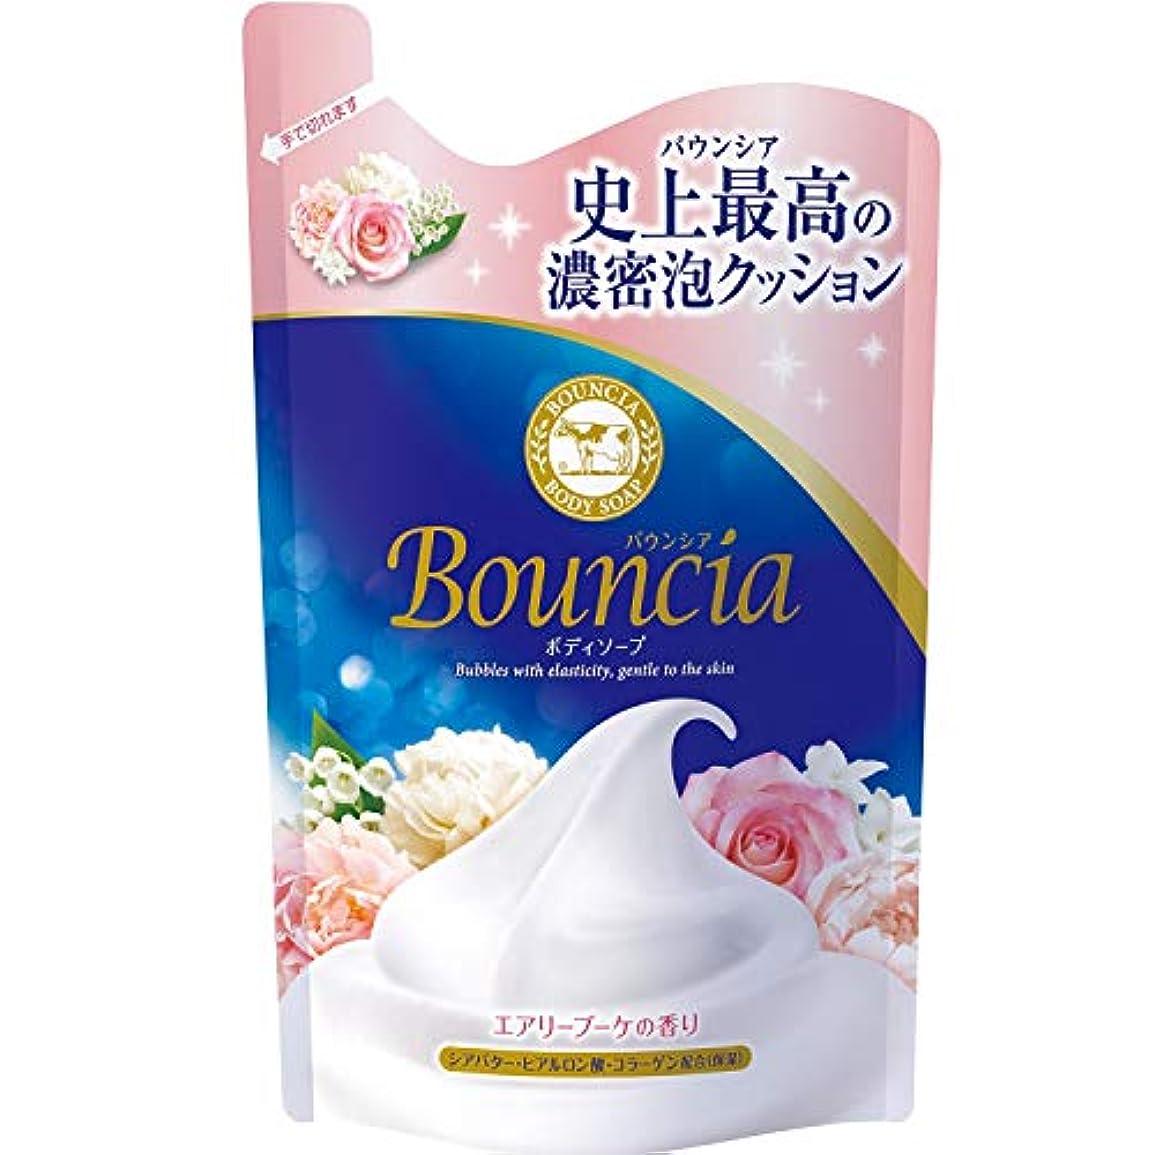 緑株式会社コントラストバウンシア ボディソープ エアリーブーケの香り 詰替 400mL